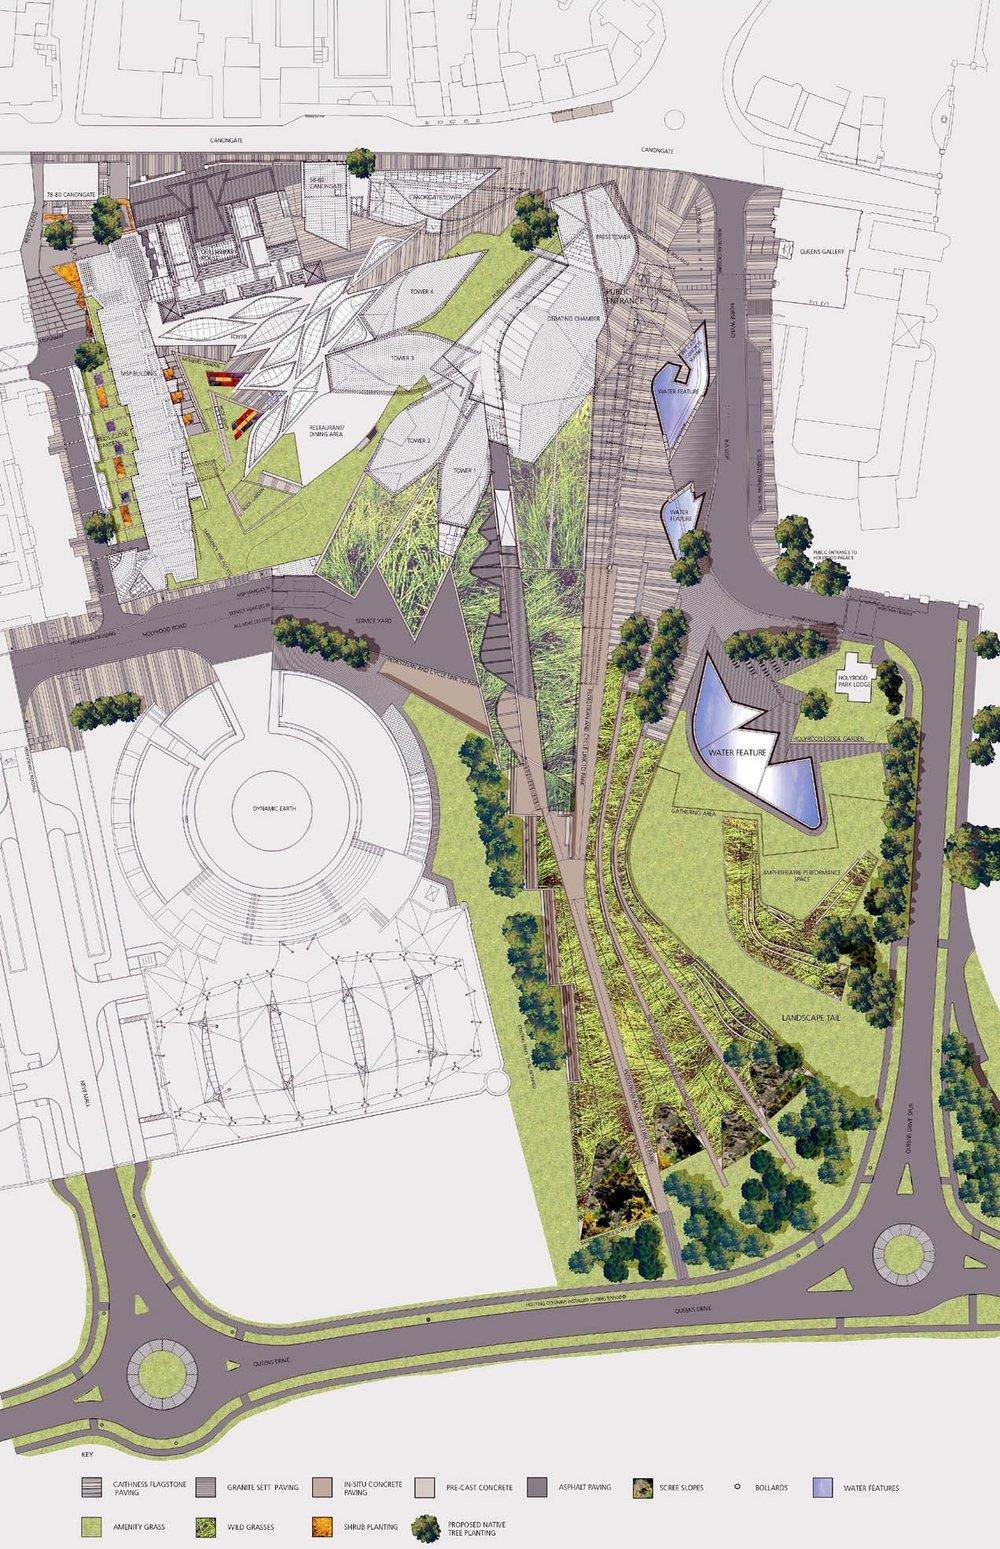 Above: Scottish Parliament Landscape Plan (Source: Scottish Parliament)